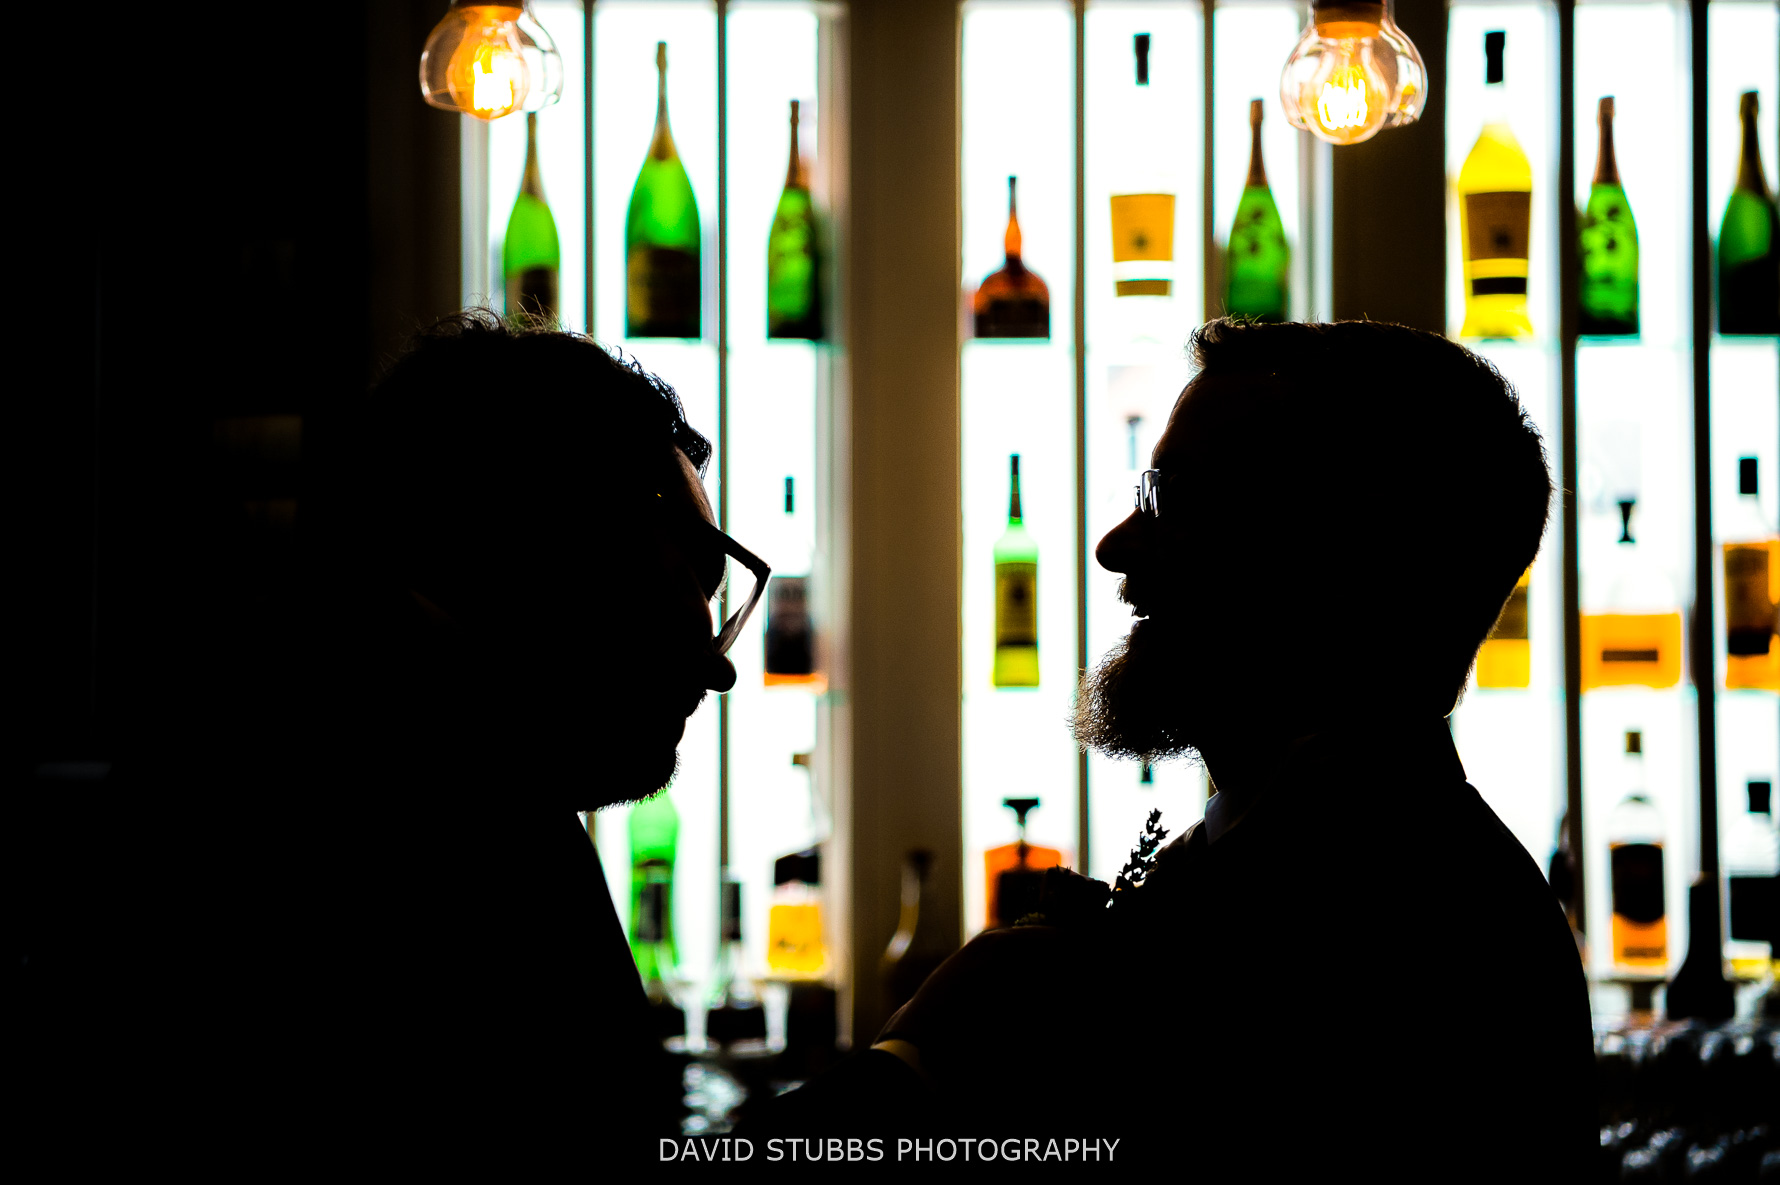 silhouette in bar light